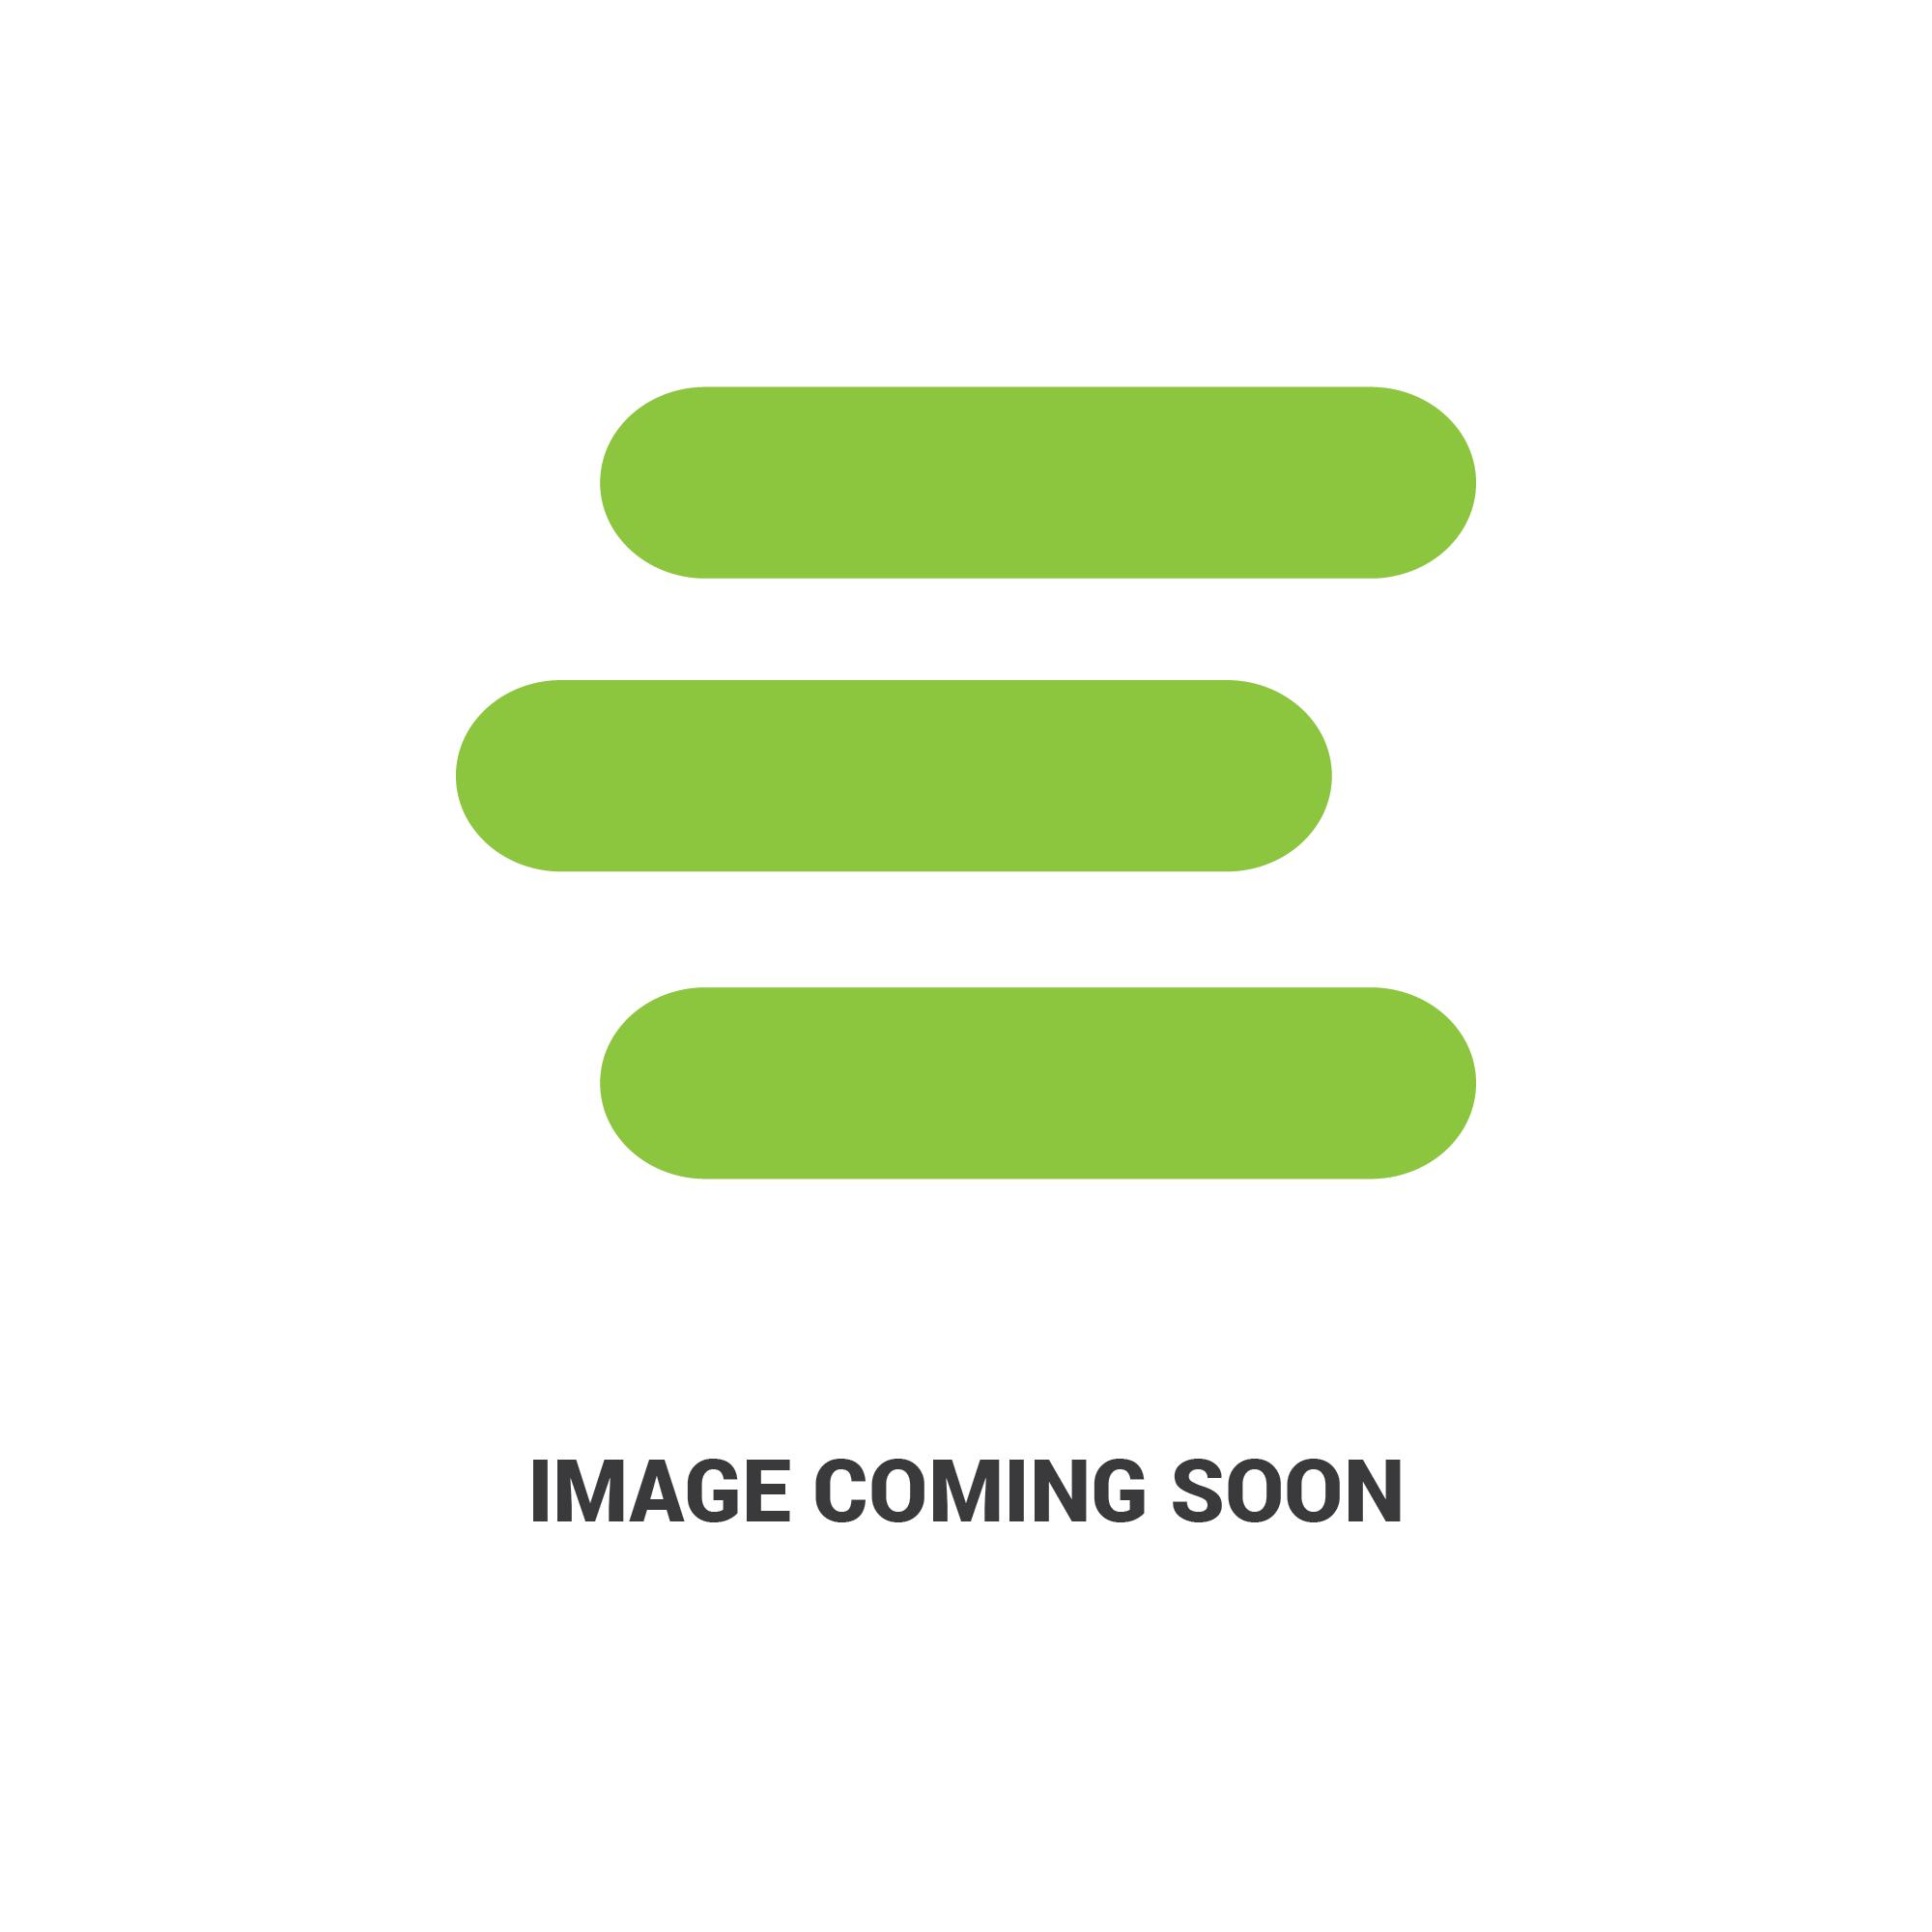 E-6C070-41102edit 312.jpg